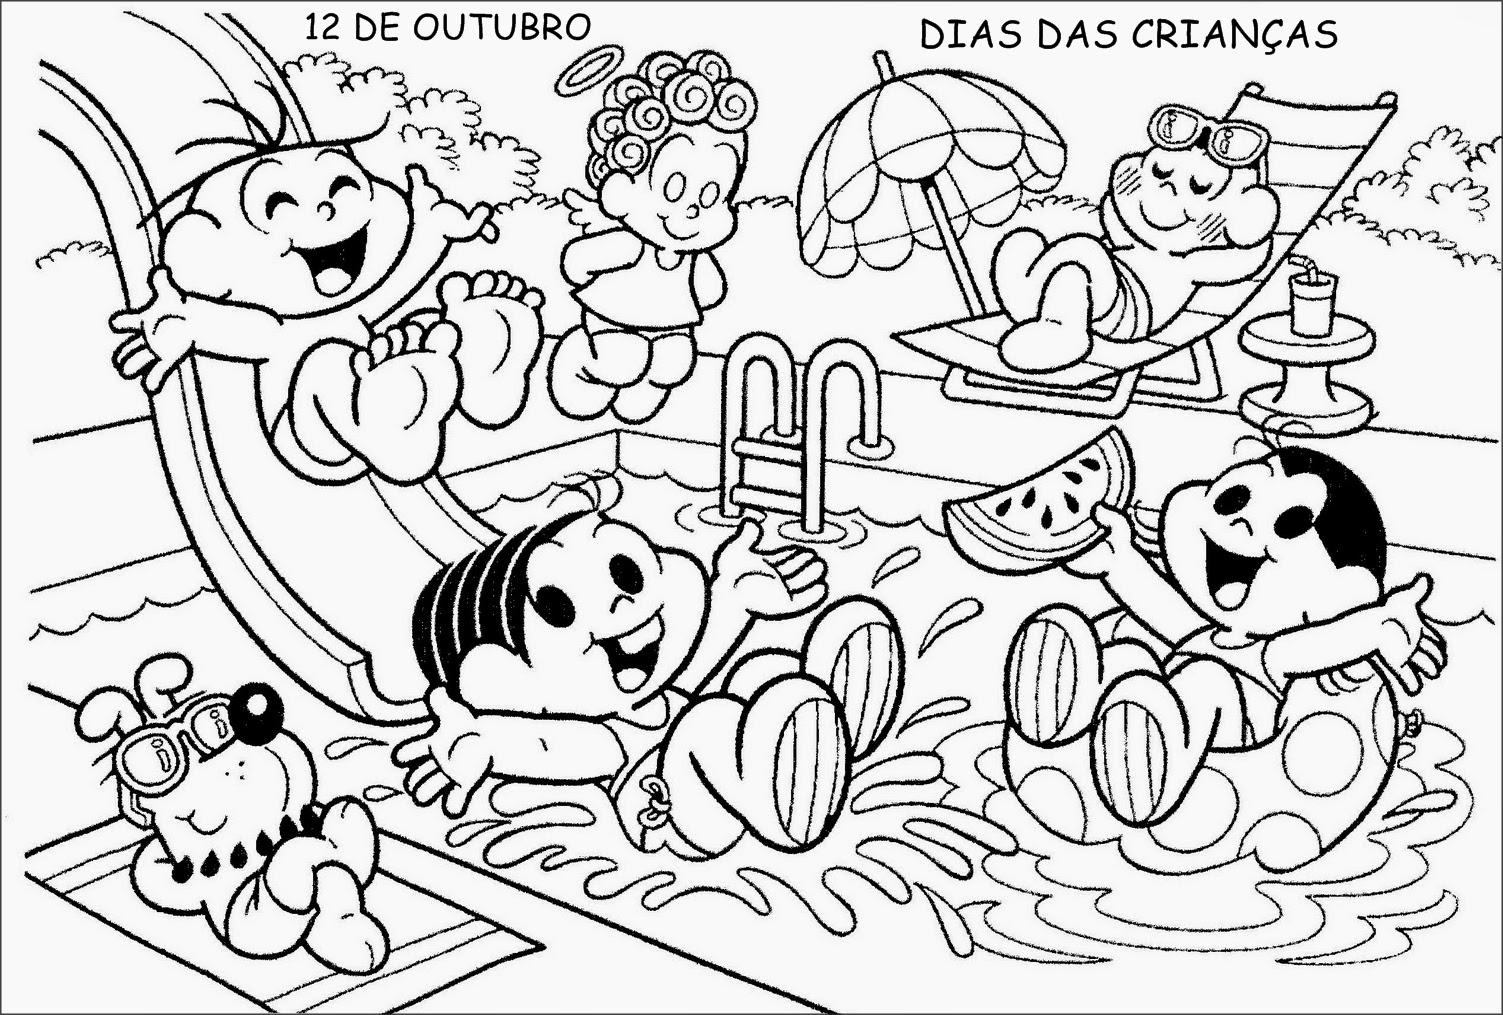 Fabuloso datas comemorativas mês de outubro ~ EDUCANDO COM AMOR 2013 FM18